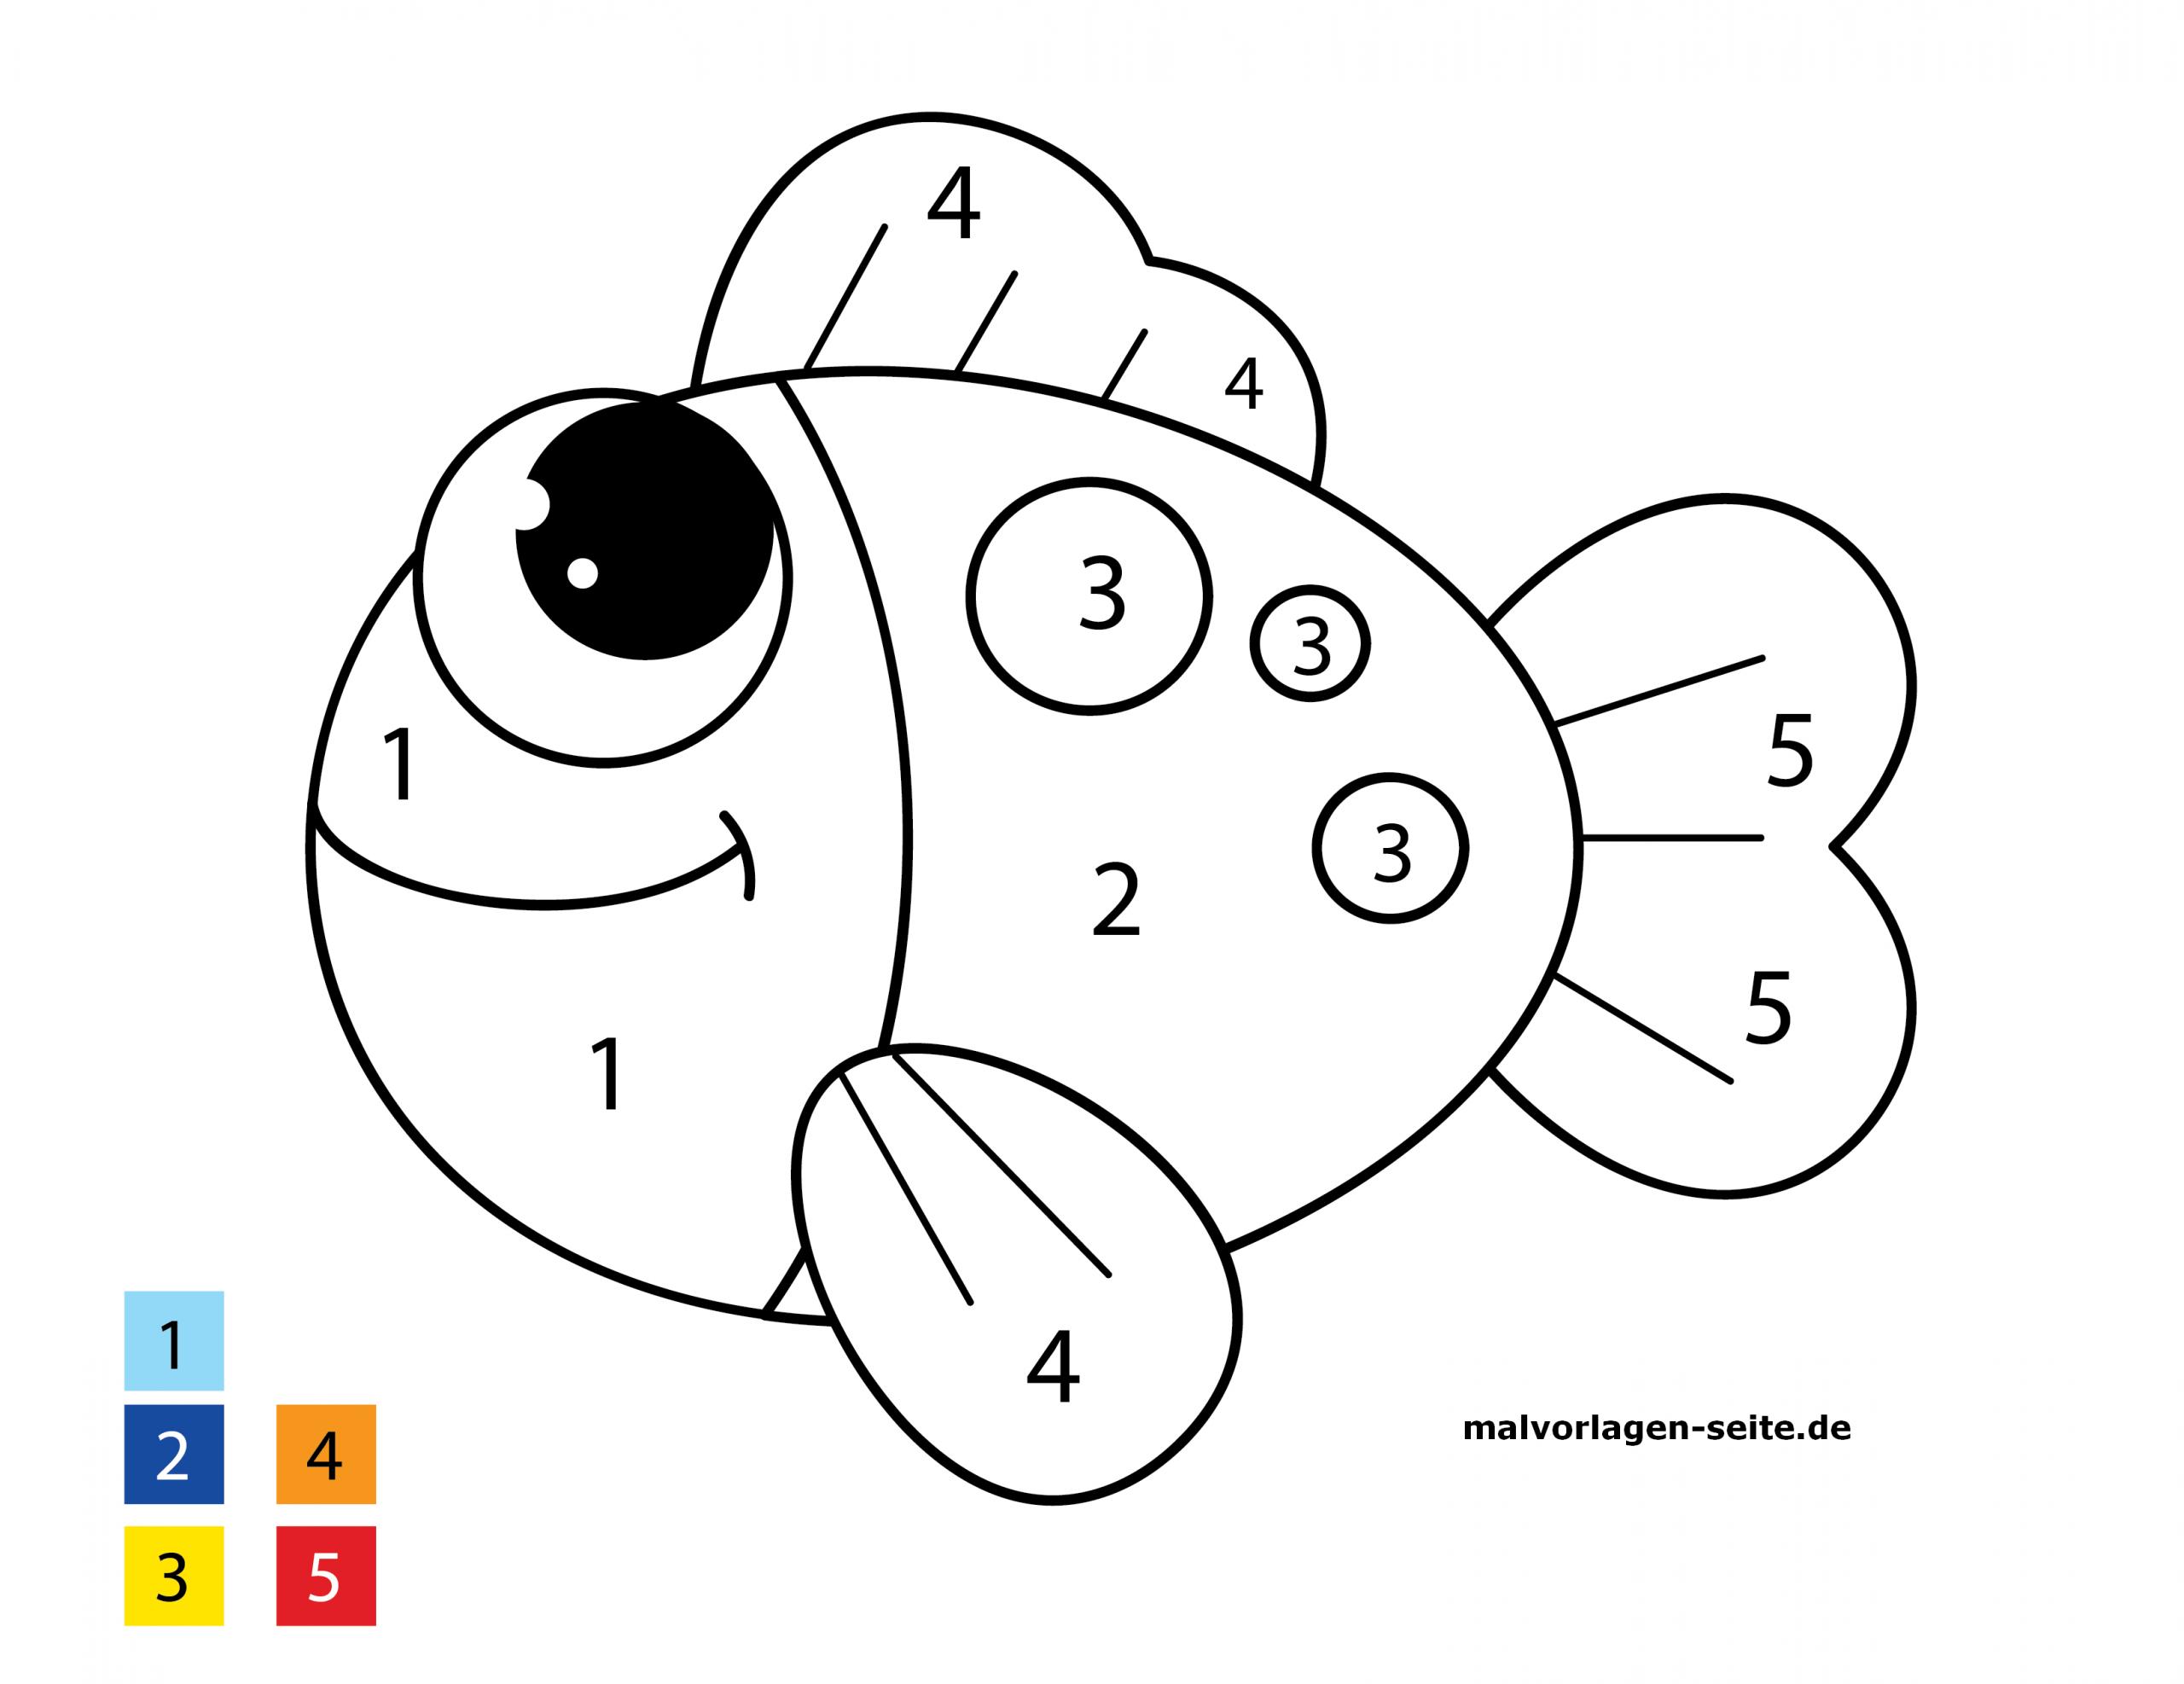 Malen Nach Zahlen Für Kinder - Ausmalbilder Kostenlos für Malen Nach Zahlen Vorlagen Zum Ausdrucken